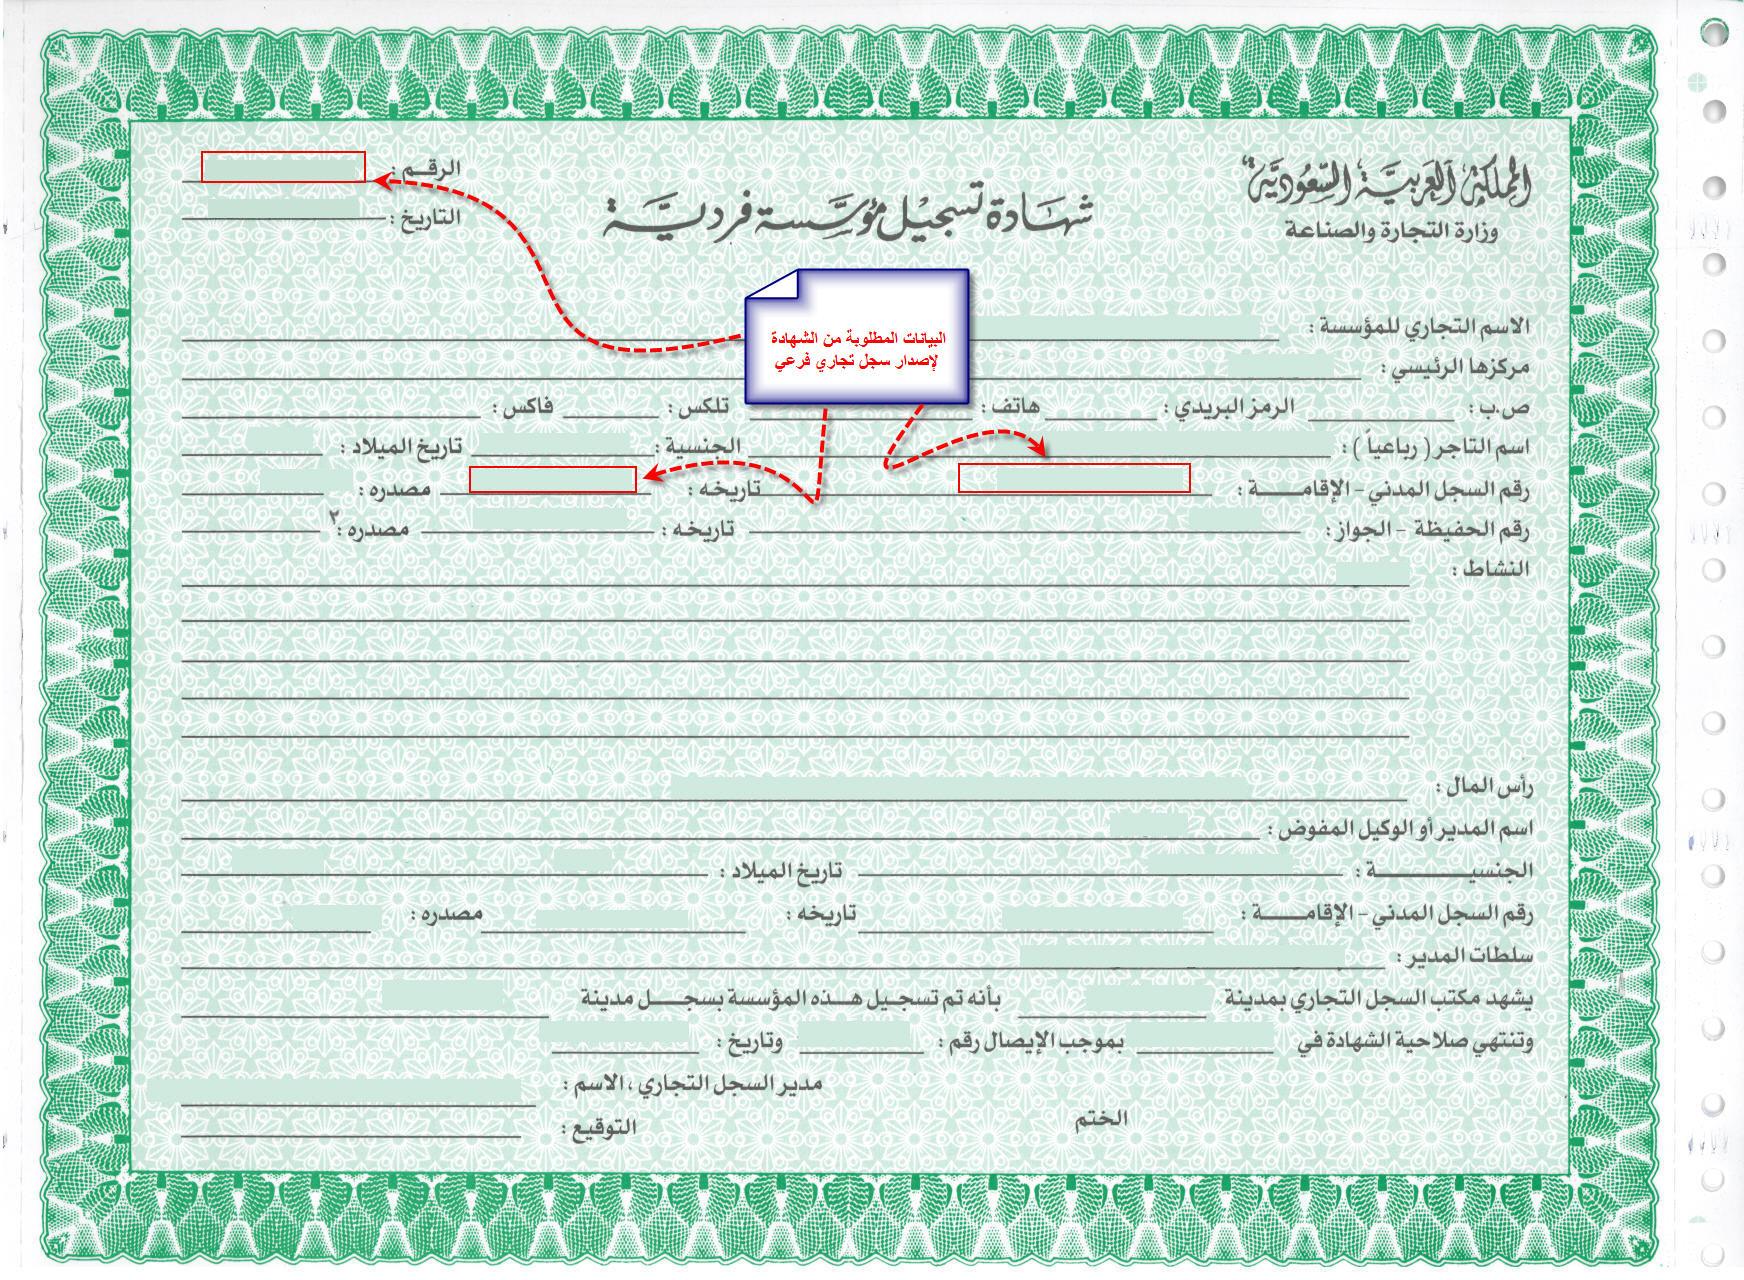 شرح طريقة استخراج سجل تجاري من وزارة التجارة 2851.imgcache.jpg